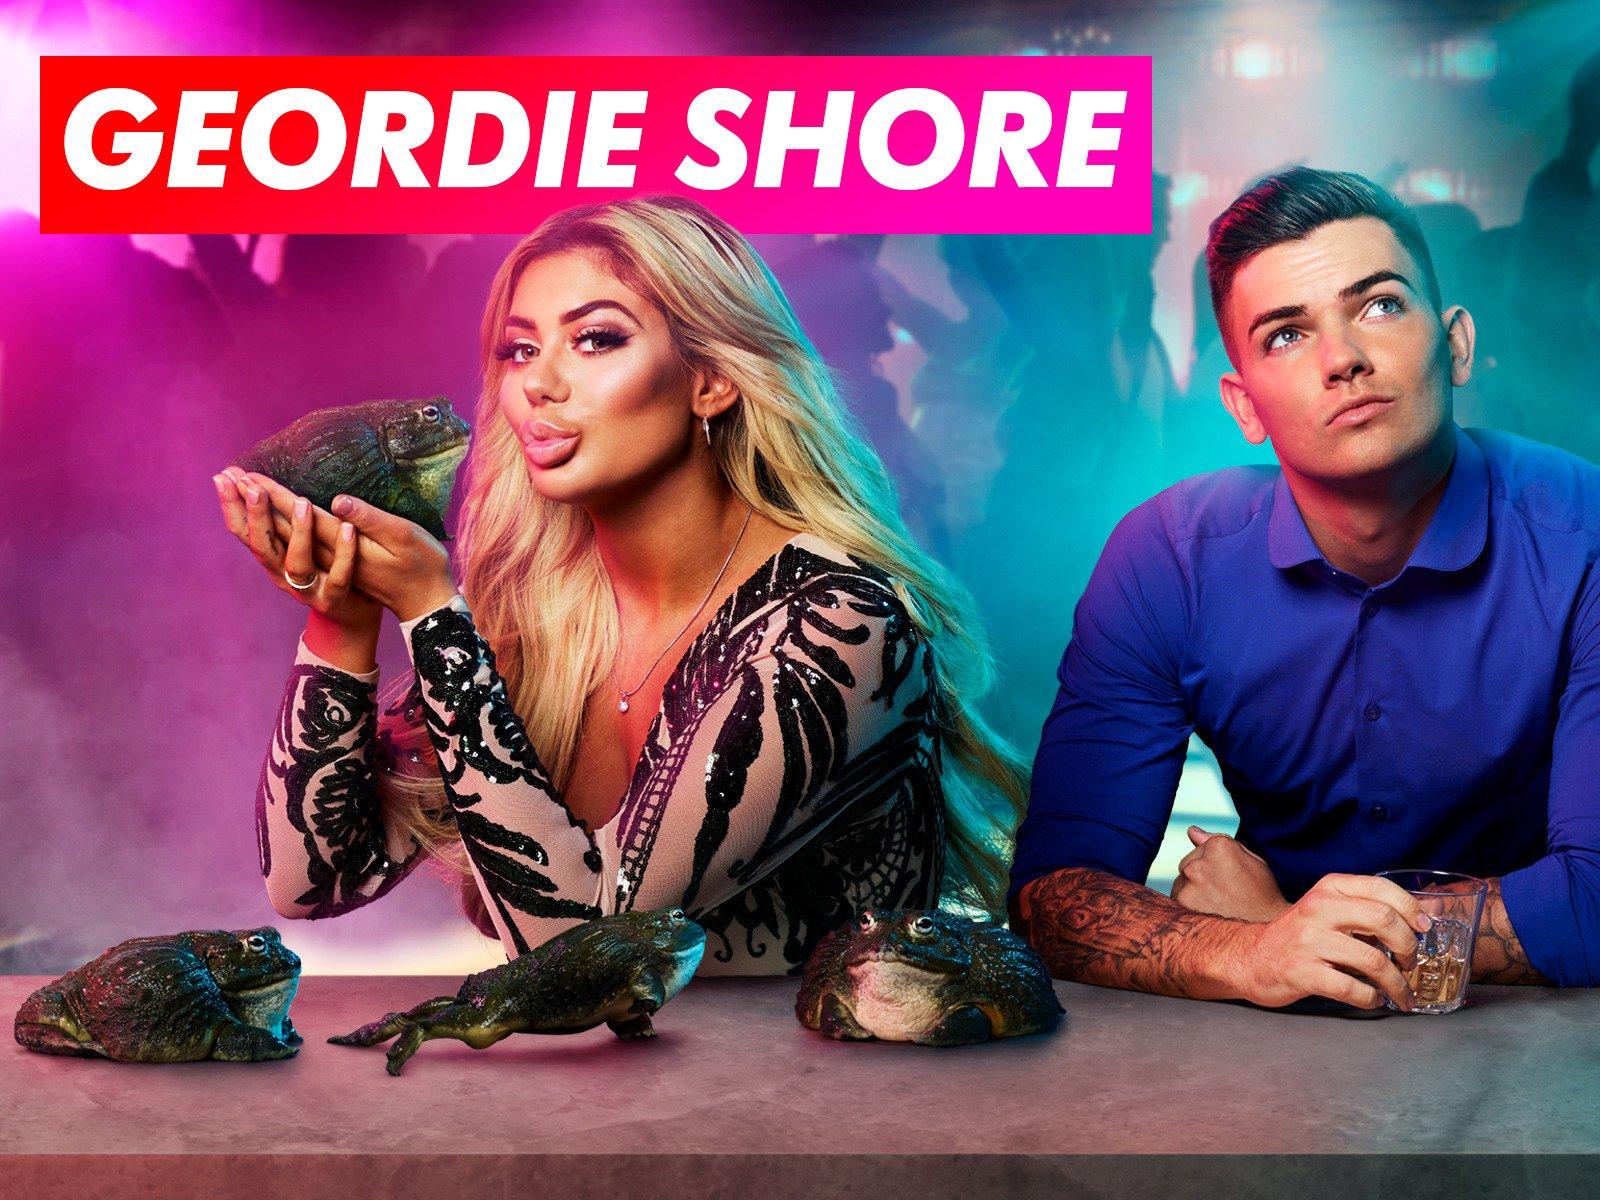 geordie shore series 17 episode 1